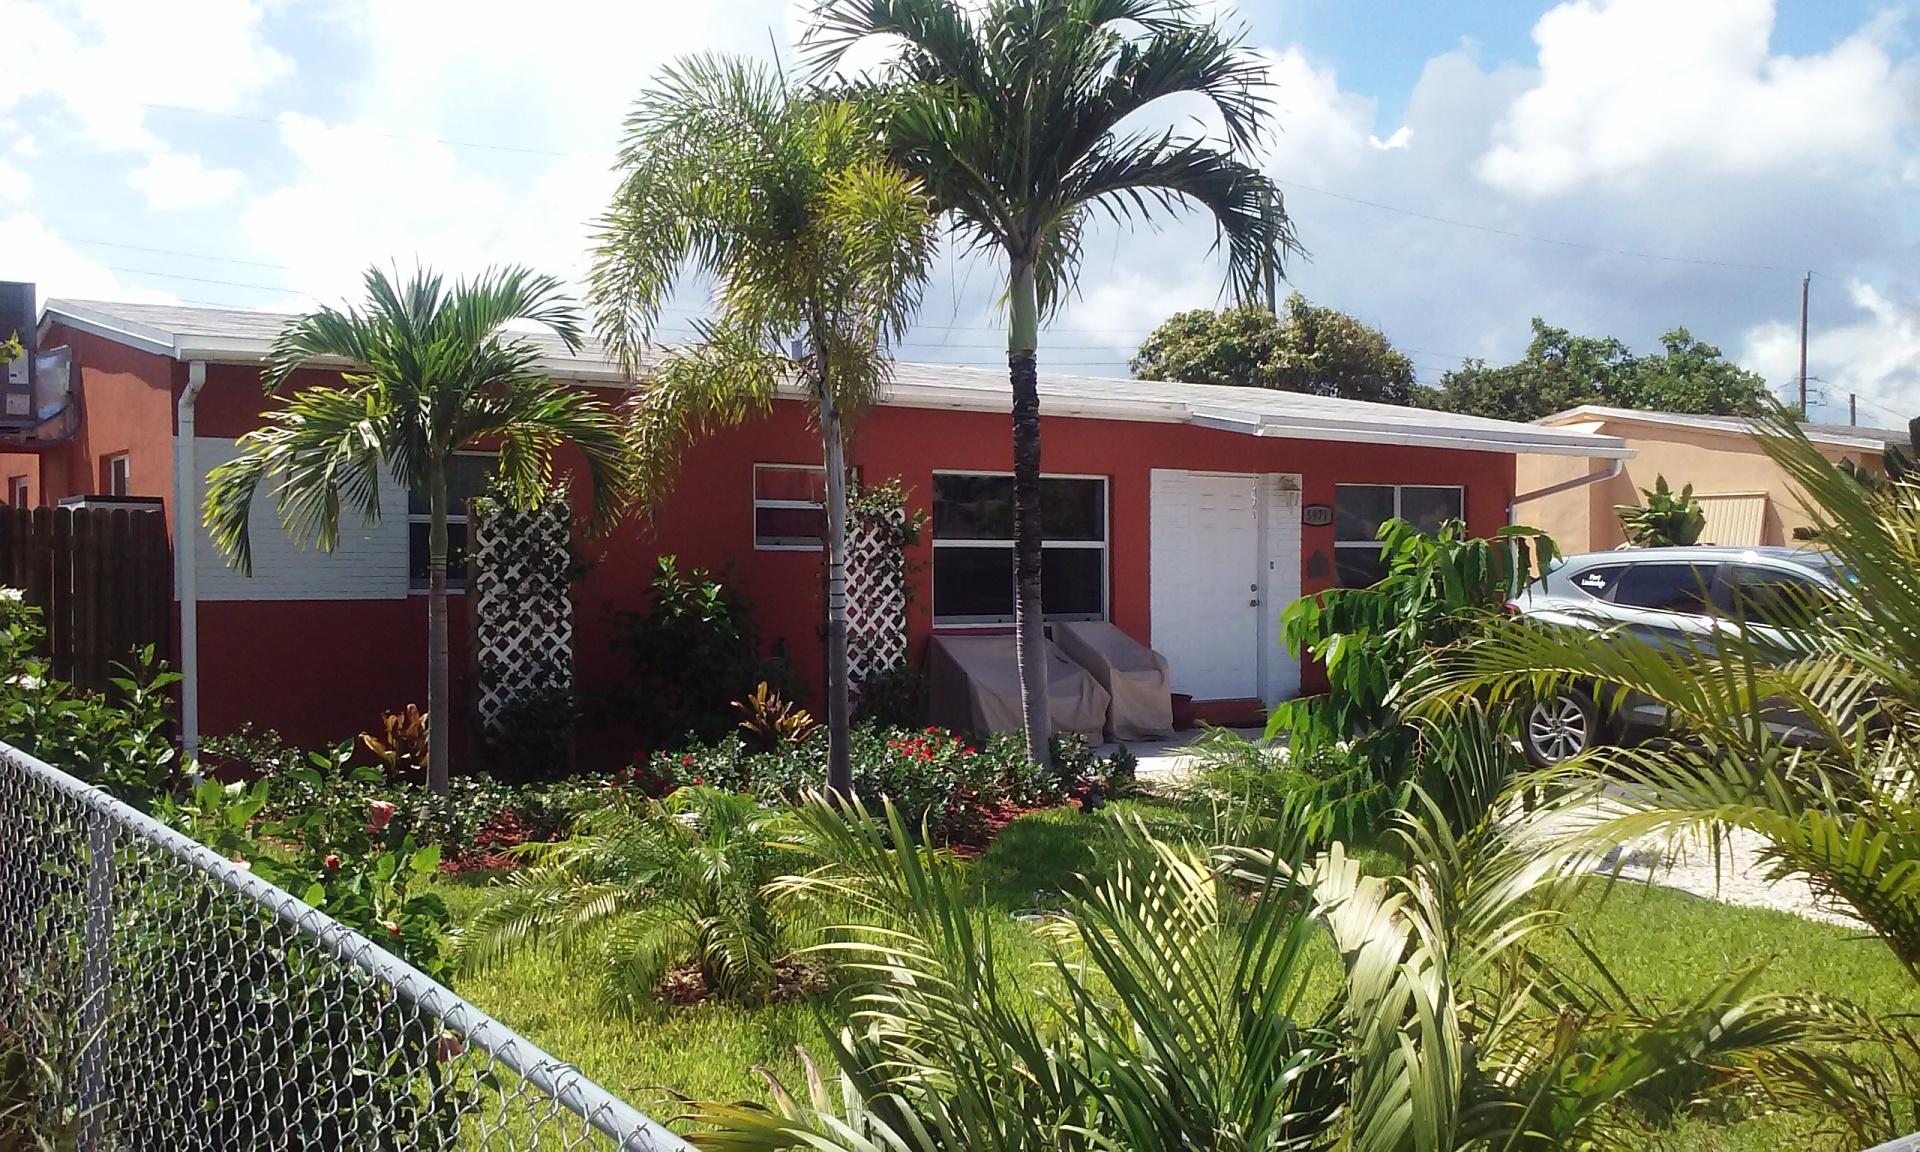 Maison à vendre à Fort Lauderdale, Collier Estates, Immobilier Floride Investissement